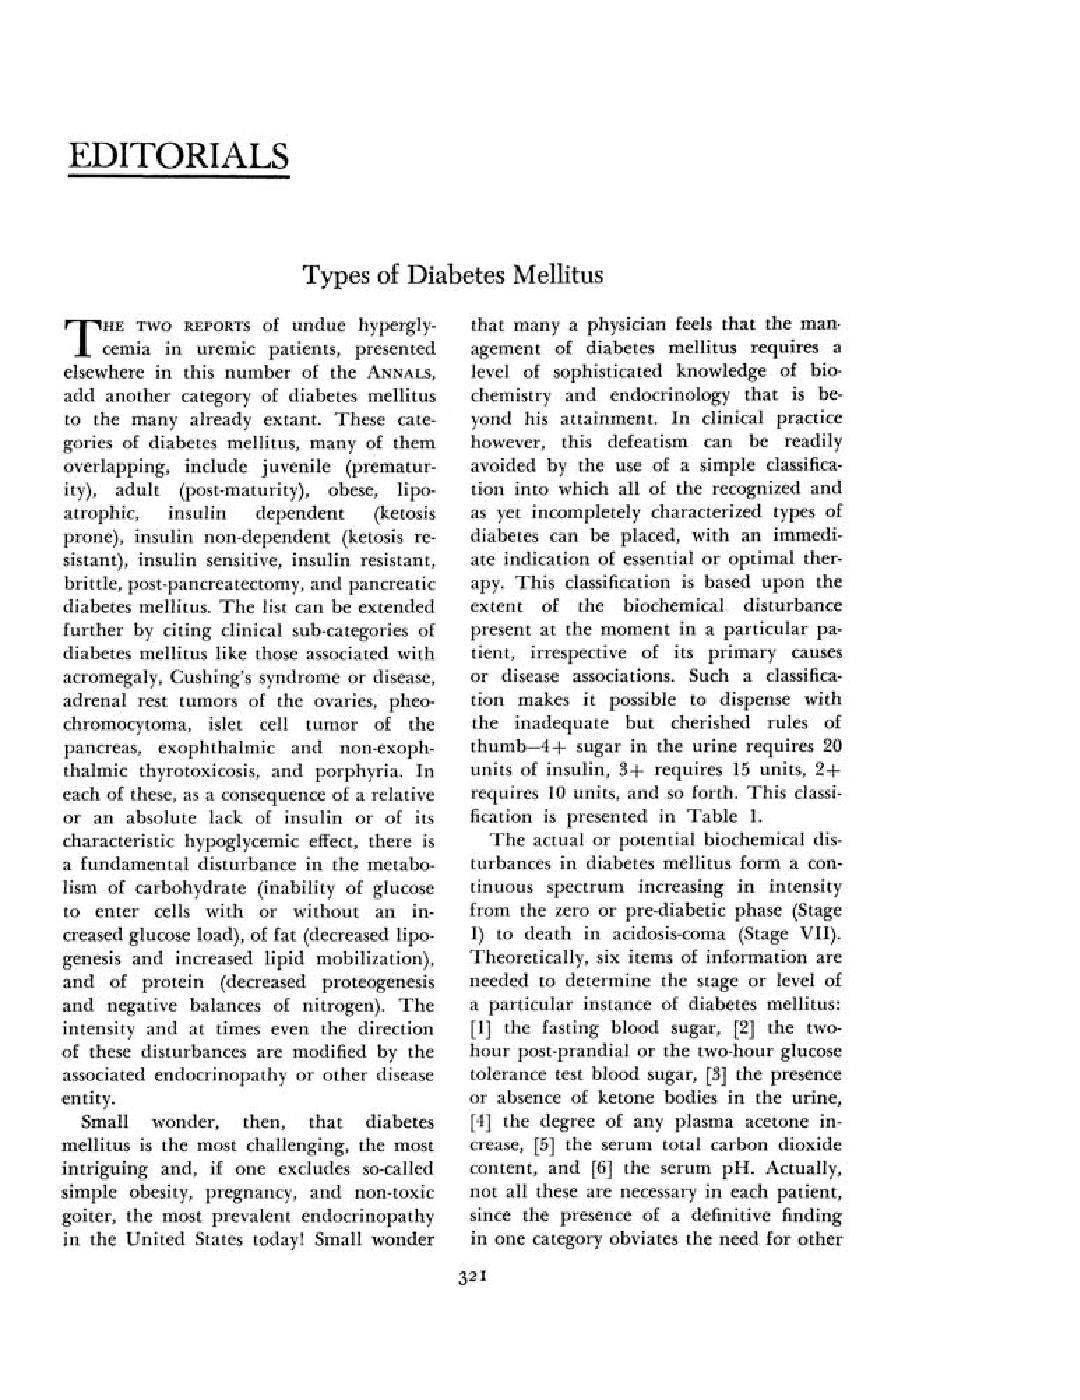 Types Of Diabetes Mellitus